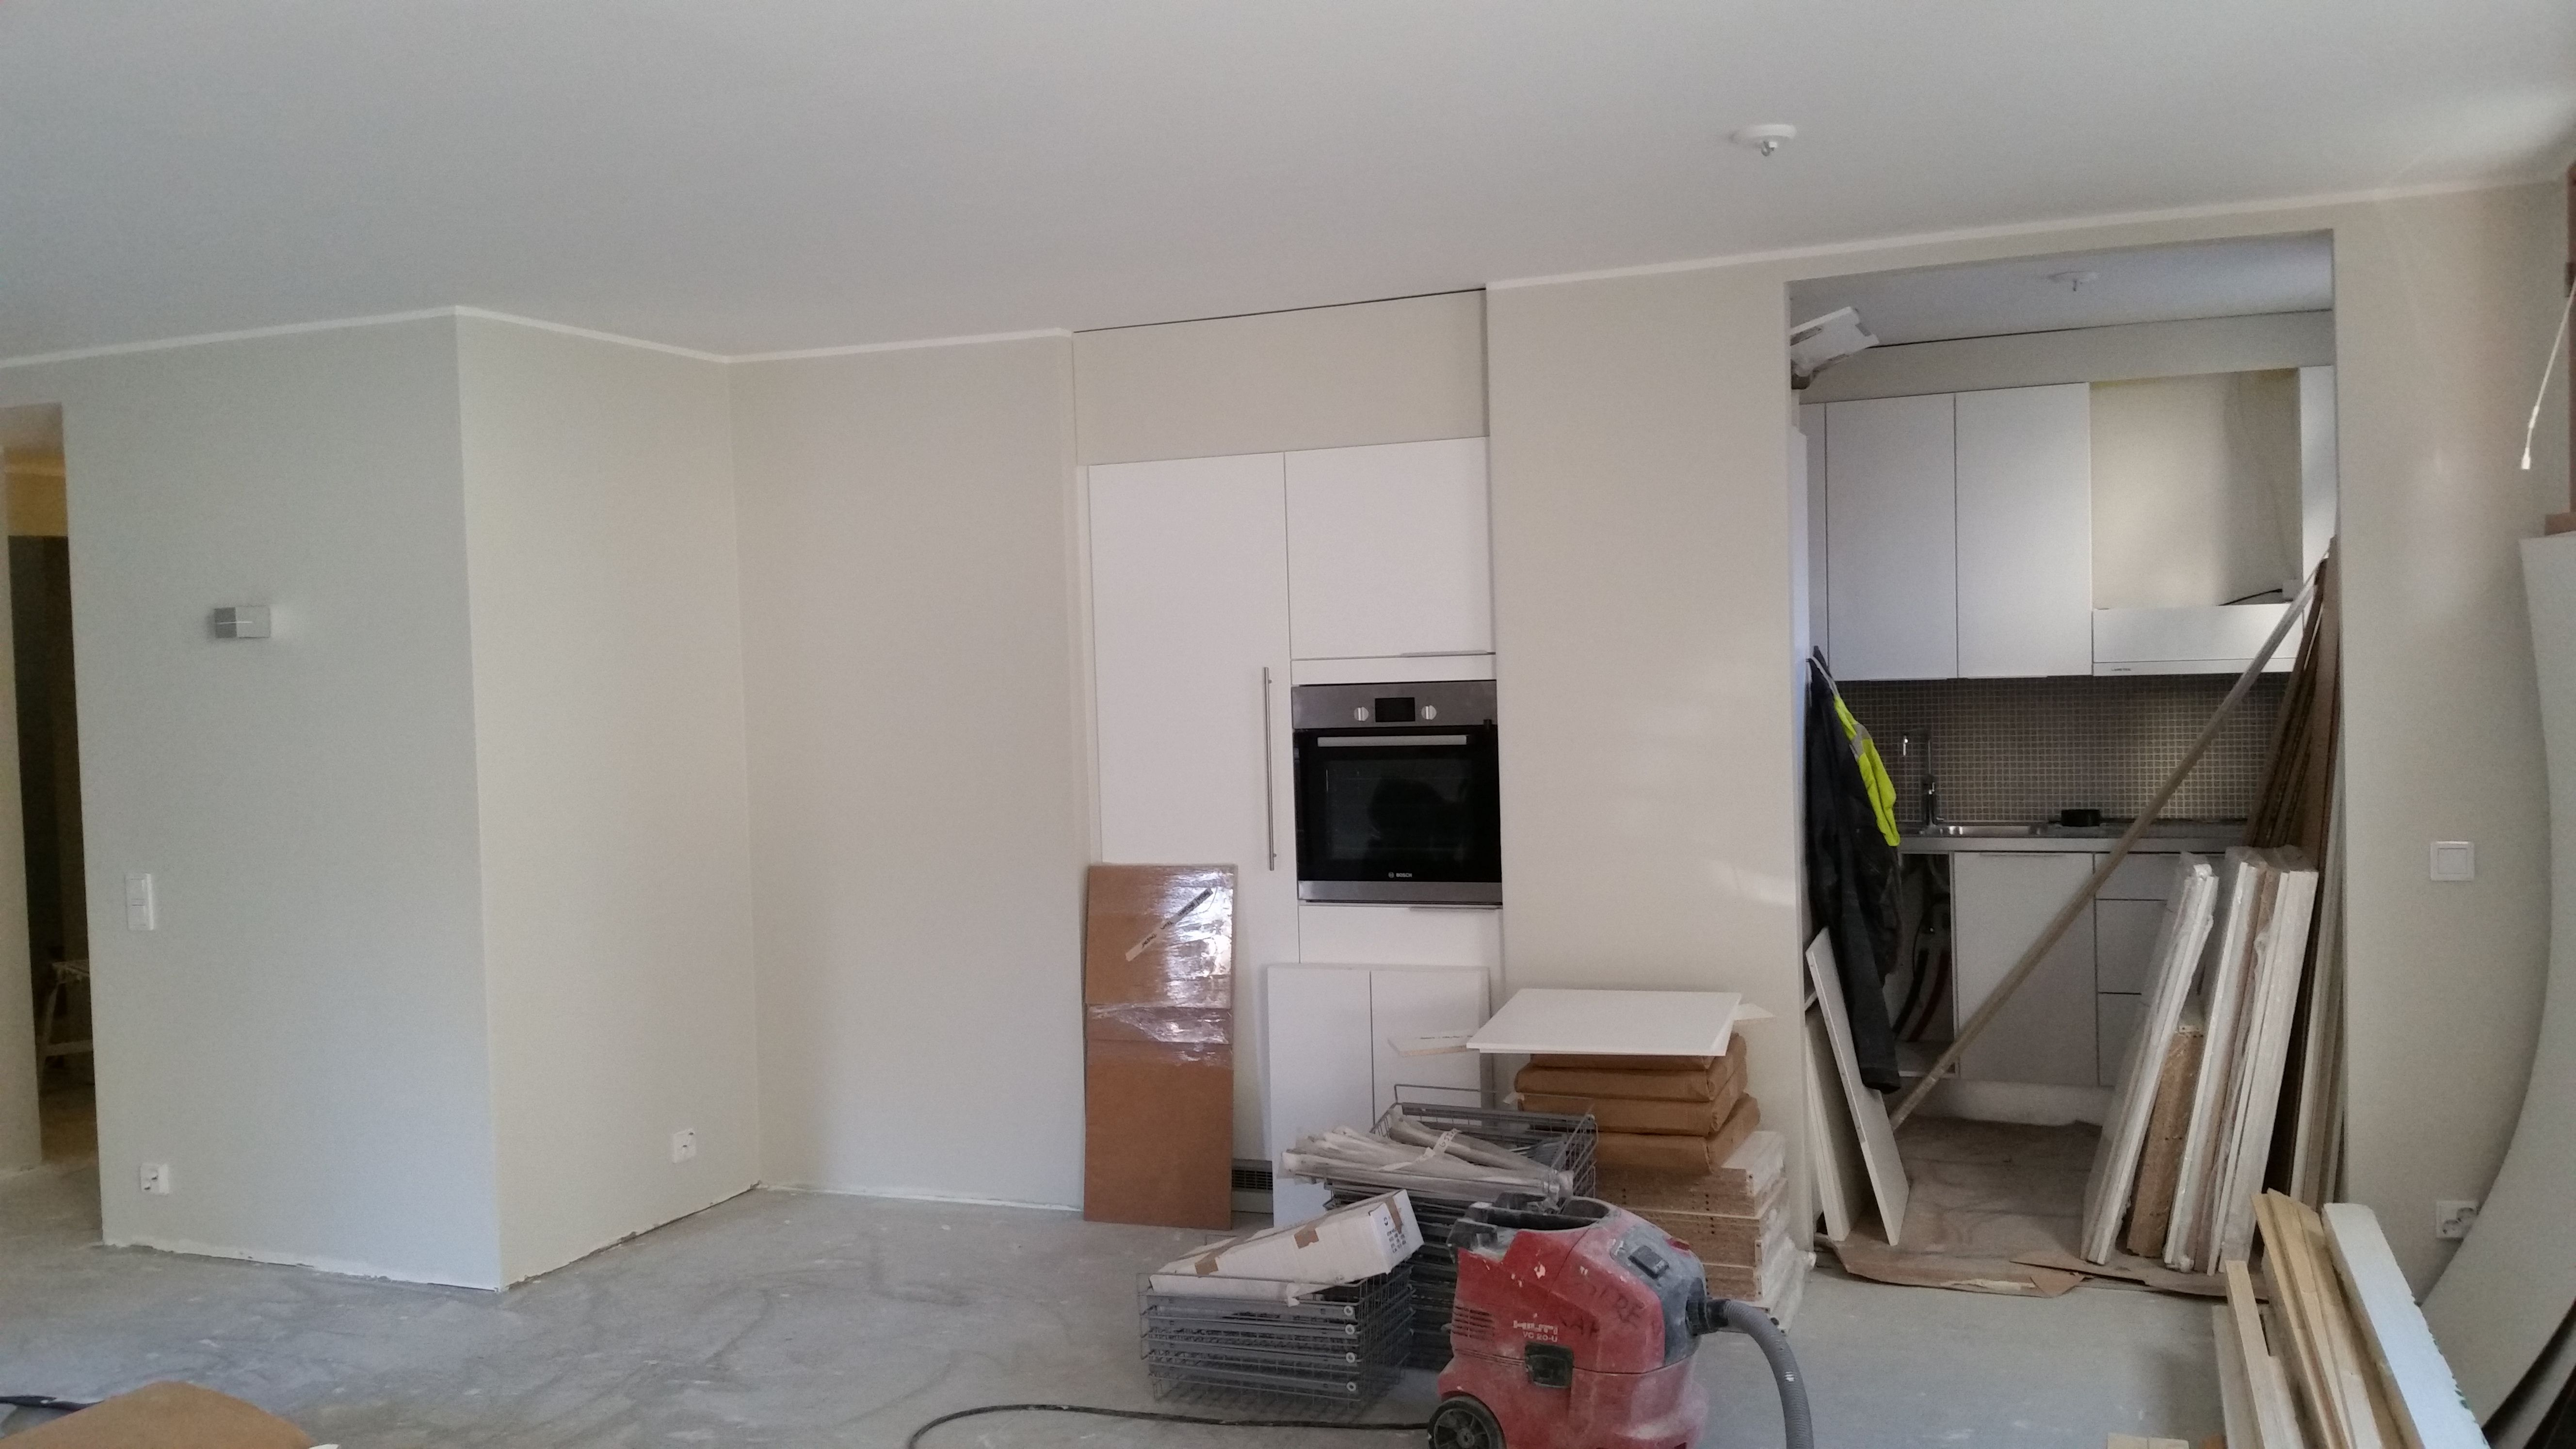 Kuvaa valmiista keittiöstä ja olohuoneesta. Kalusteasennukset eivät ole Tammijuuren tekemät.